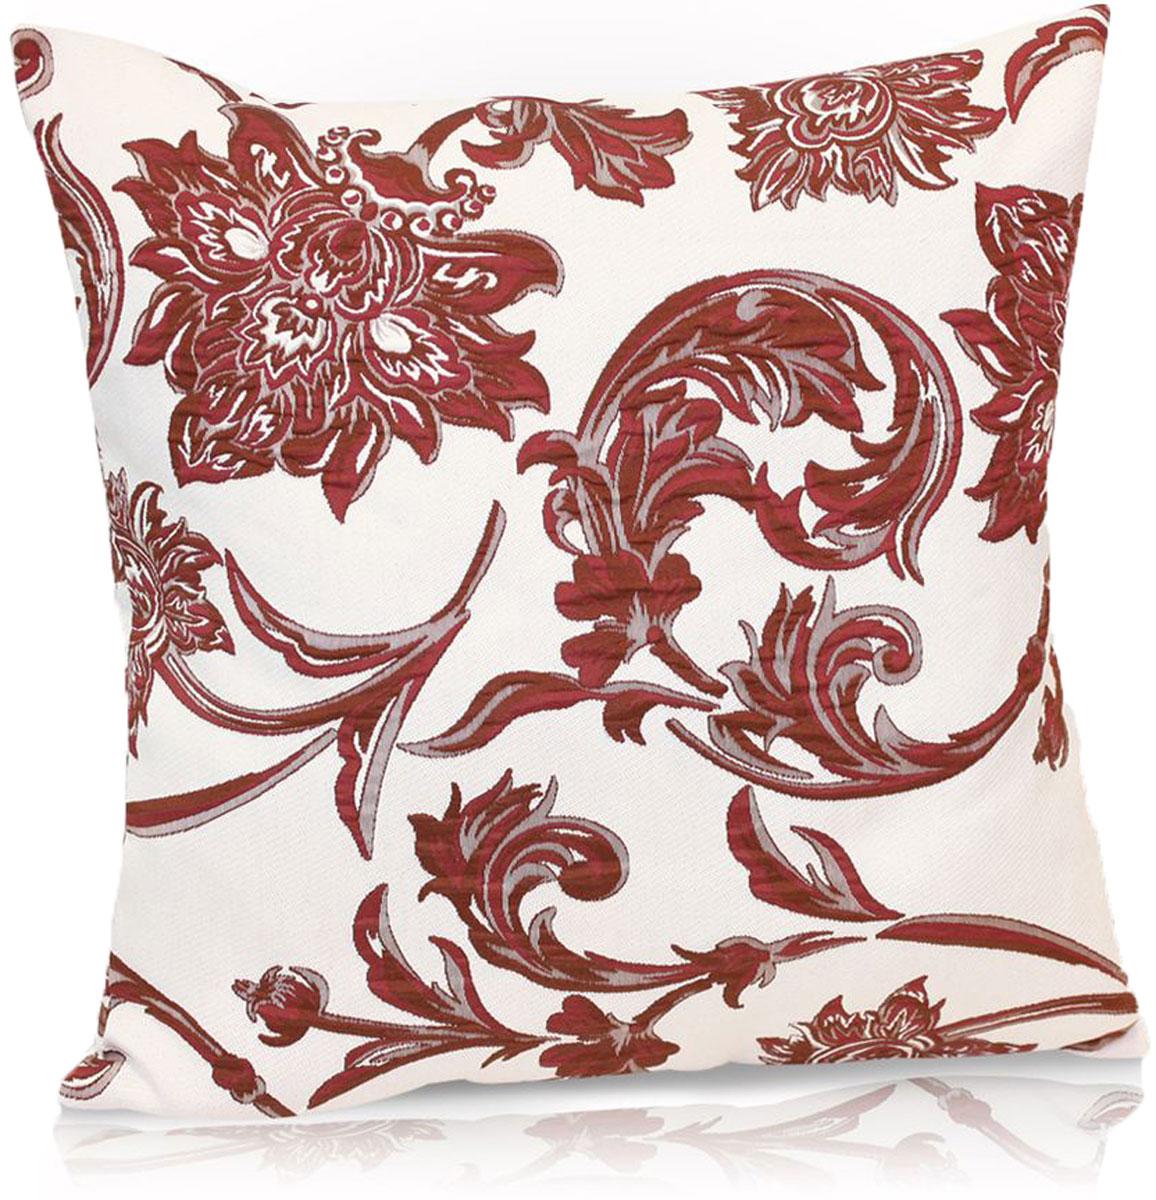 Подушка декоративная KauffOrt Руан, цвет: бордовый, 40 x 40 см штора легкая kauffort barolo